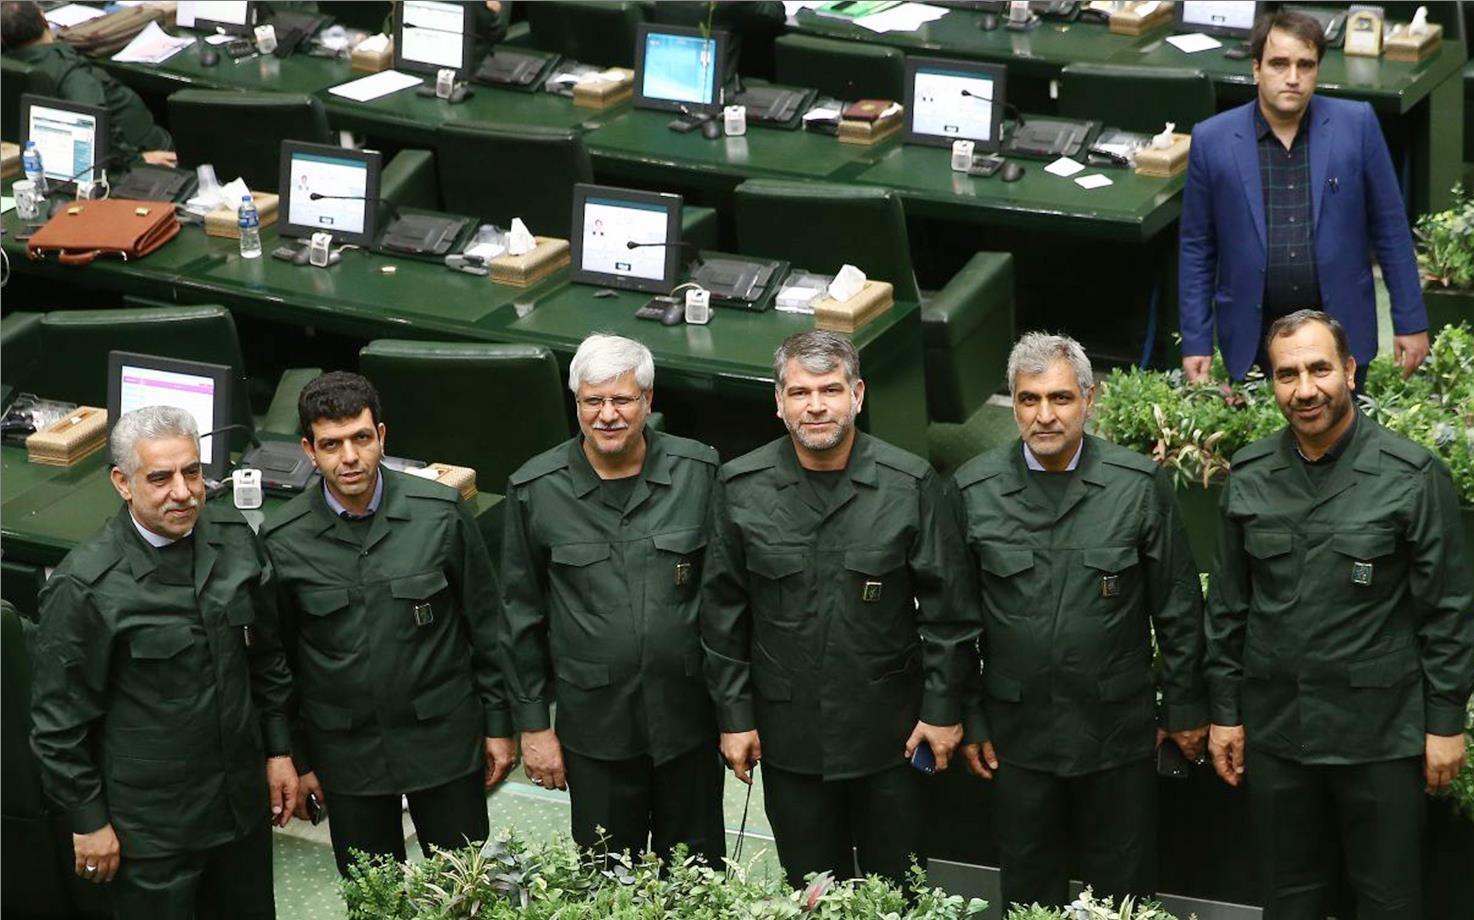 ماجرای پوشیدن لباس سپاه توسط نمایندگان مجلس چه بود؟